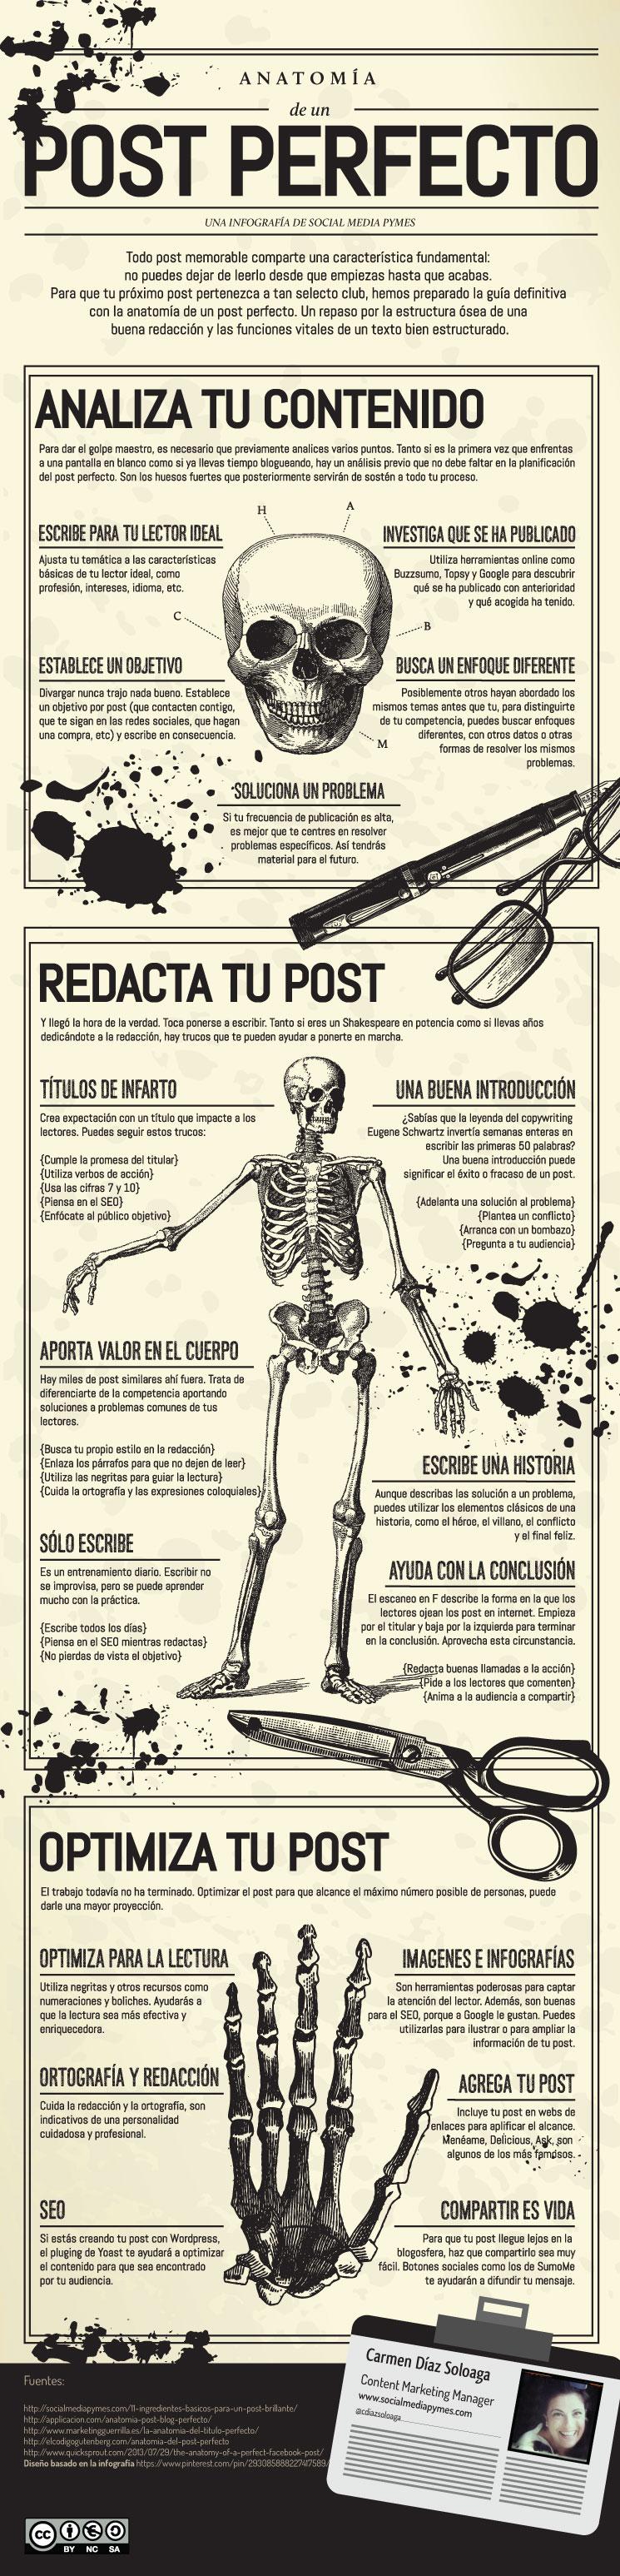 Anatomía del post perfecto